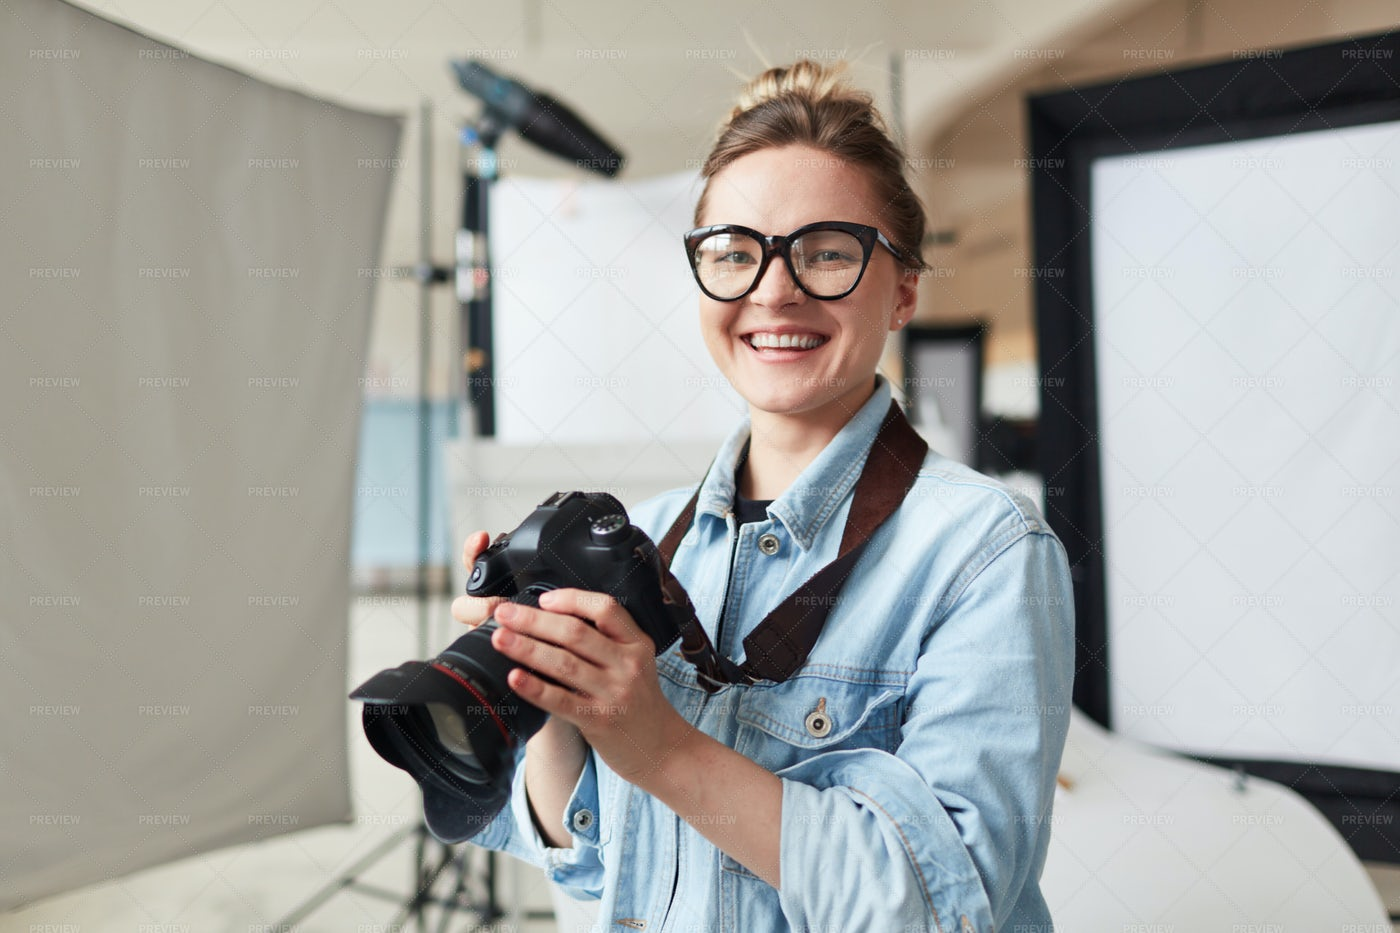 Successful Photographer: Stock Photos